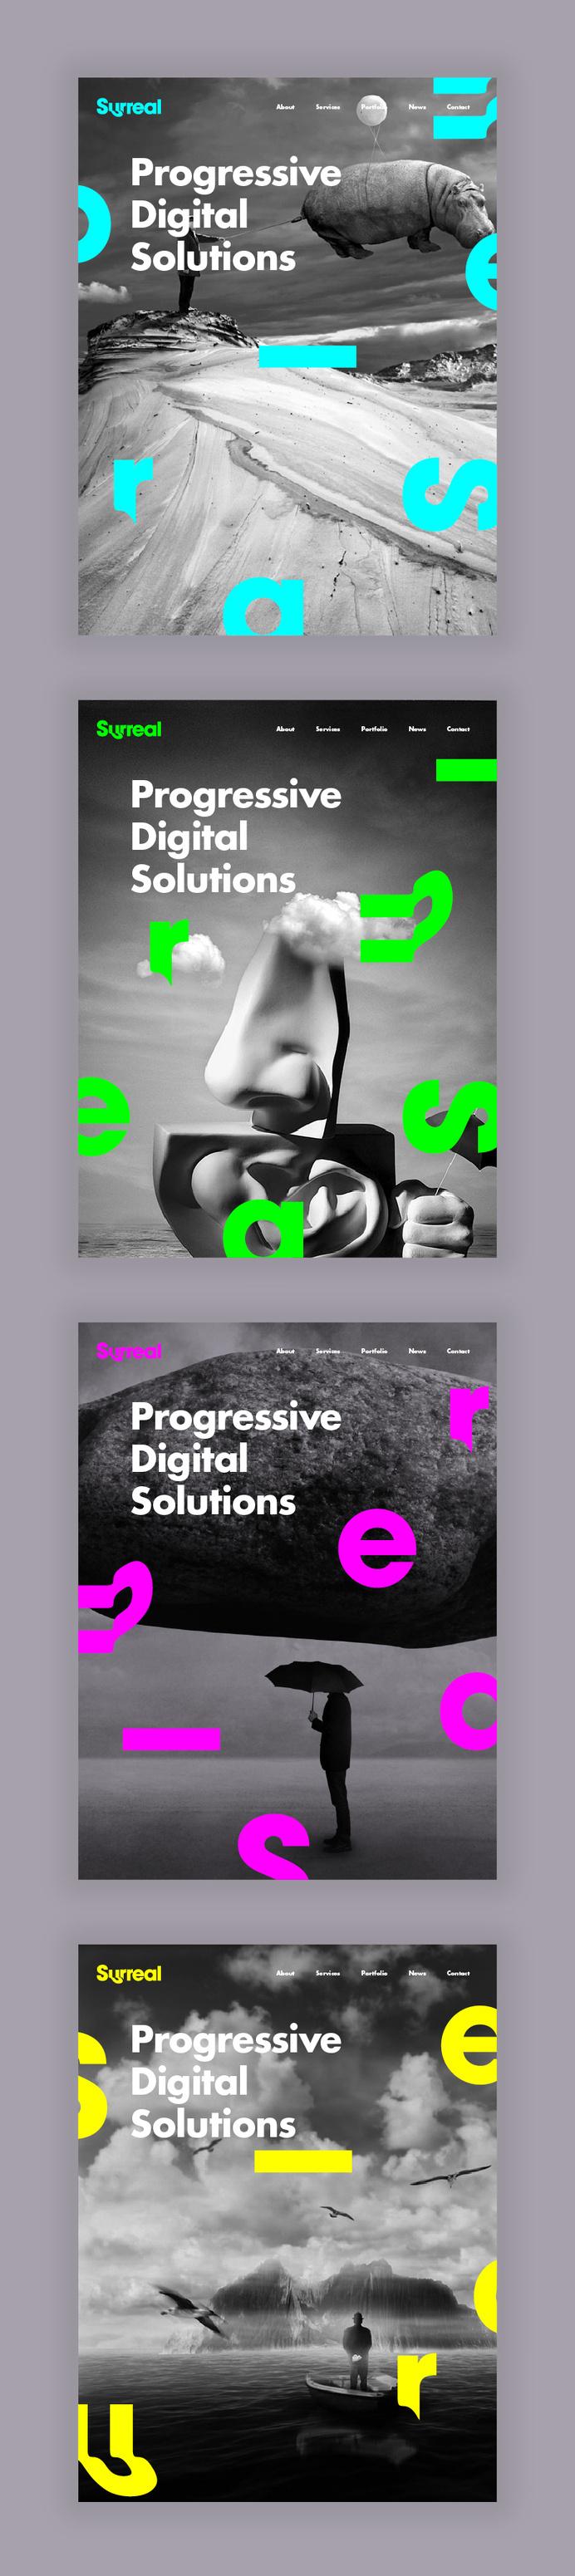 Surreal, Progressive Digital Solutions